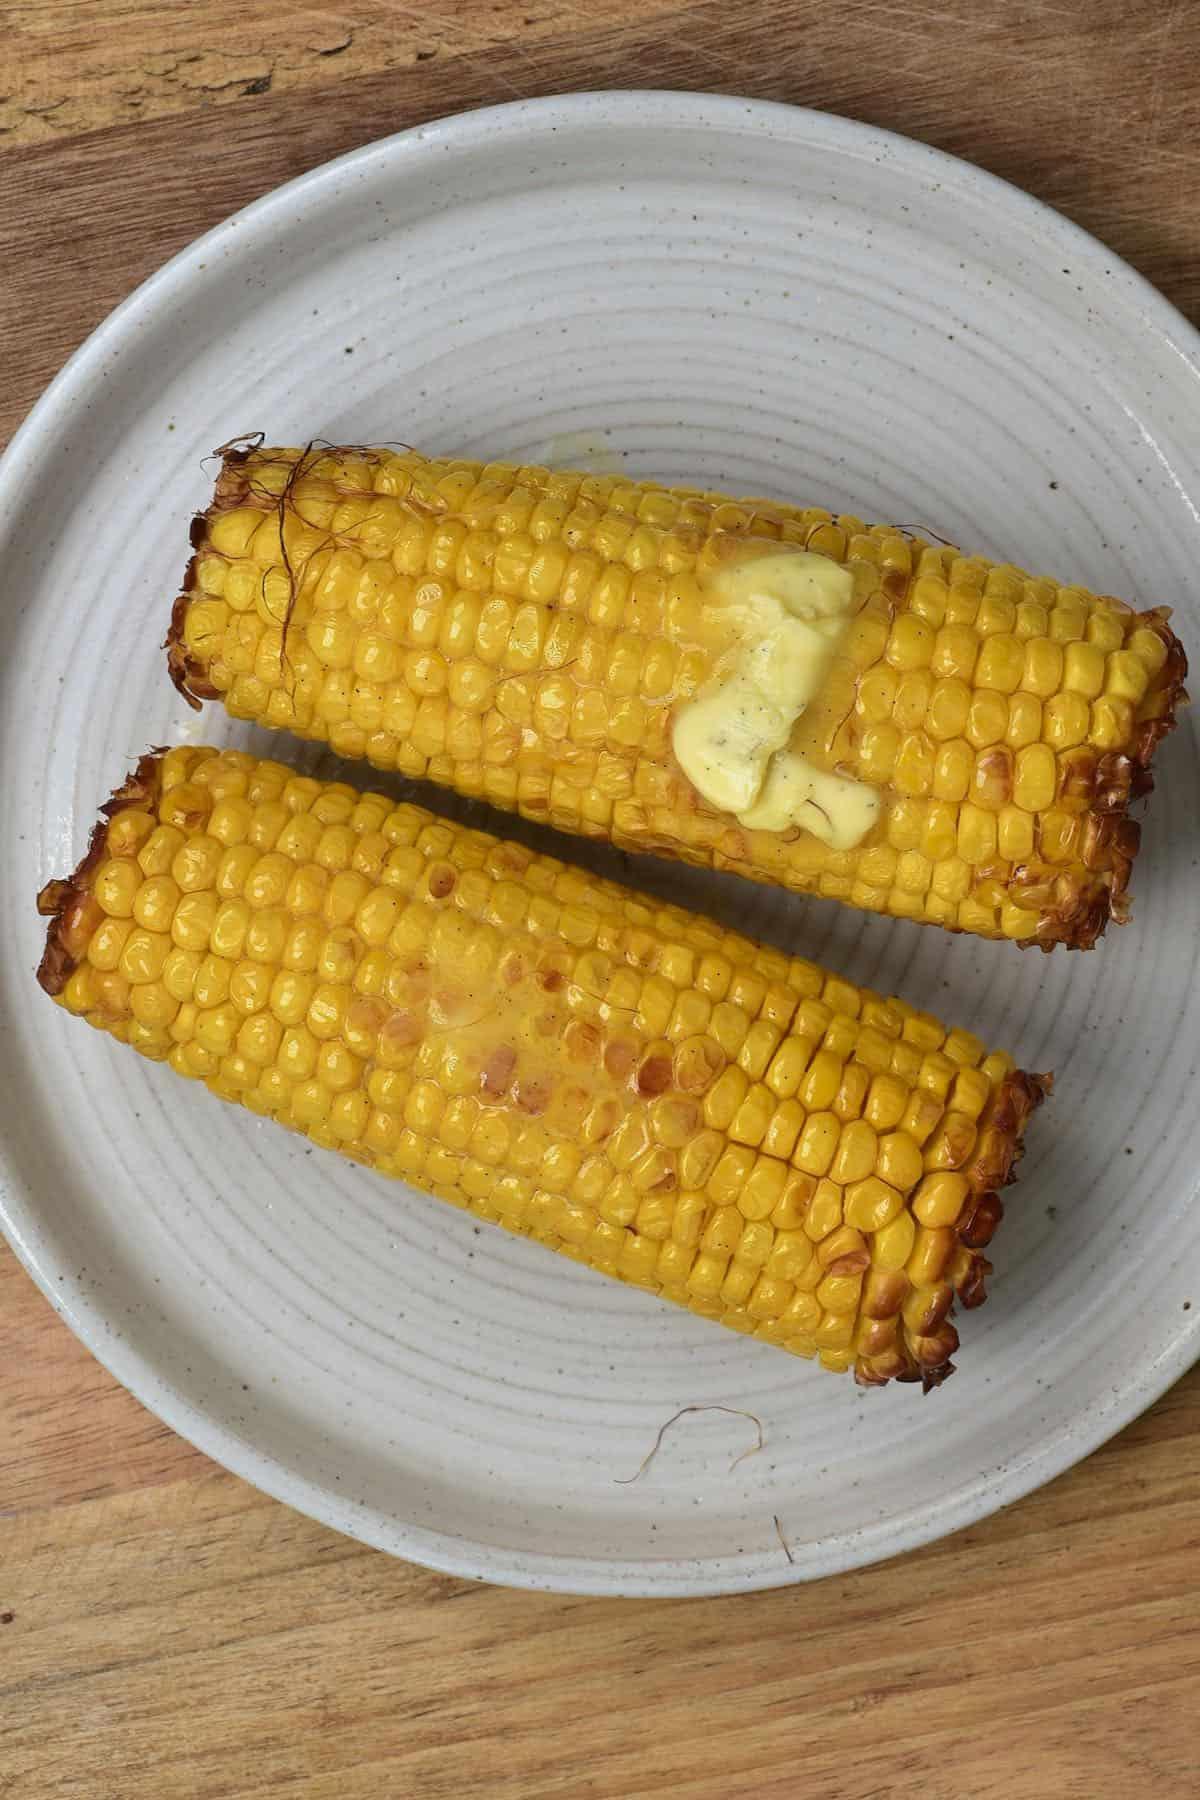 Vanilla butter on sweet corn on a cob